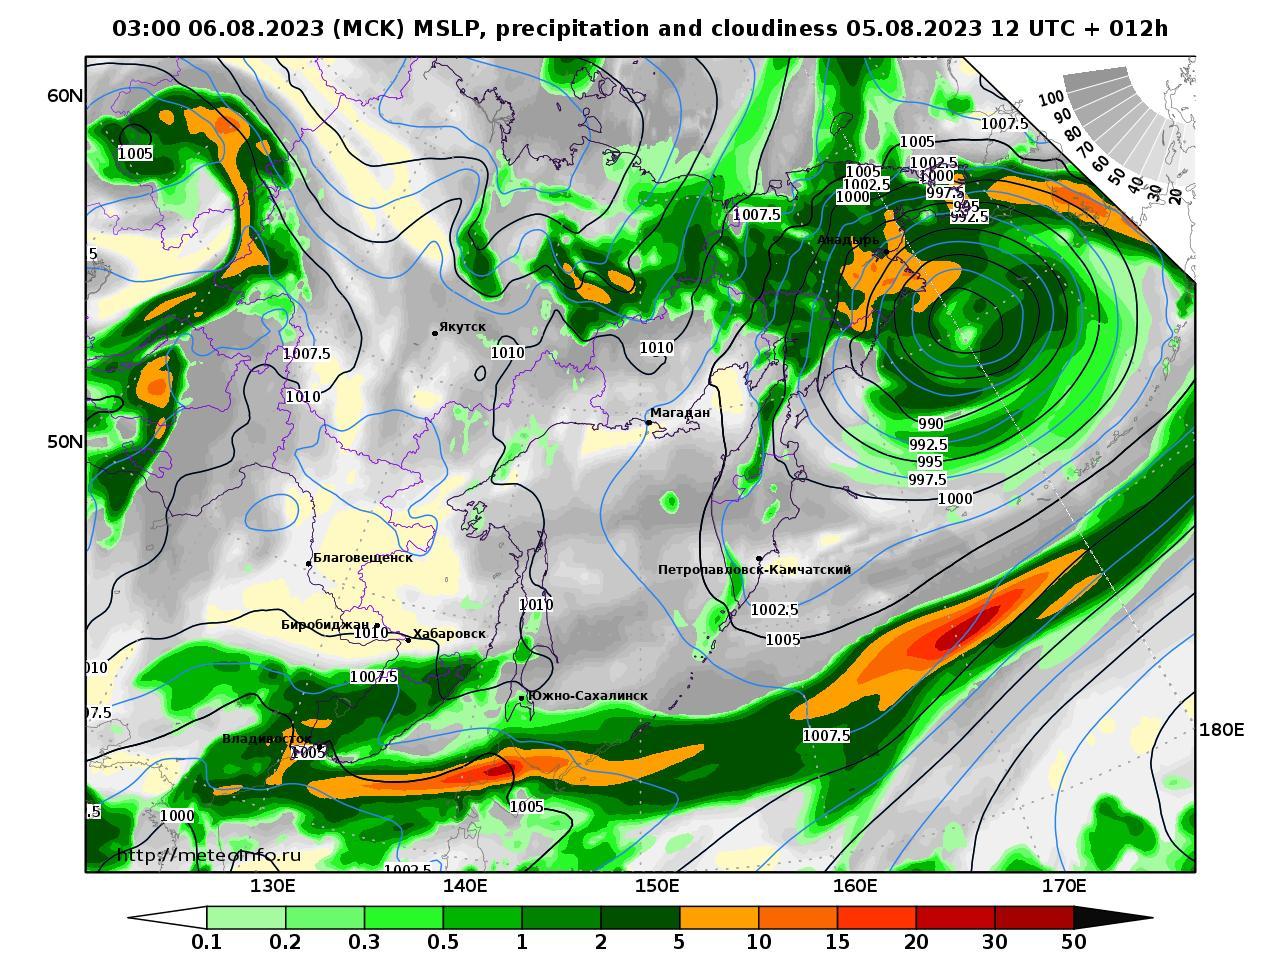 Дальний Восток, прогностическая карта осадки и давление, заблаговременность прогноза 12 часов